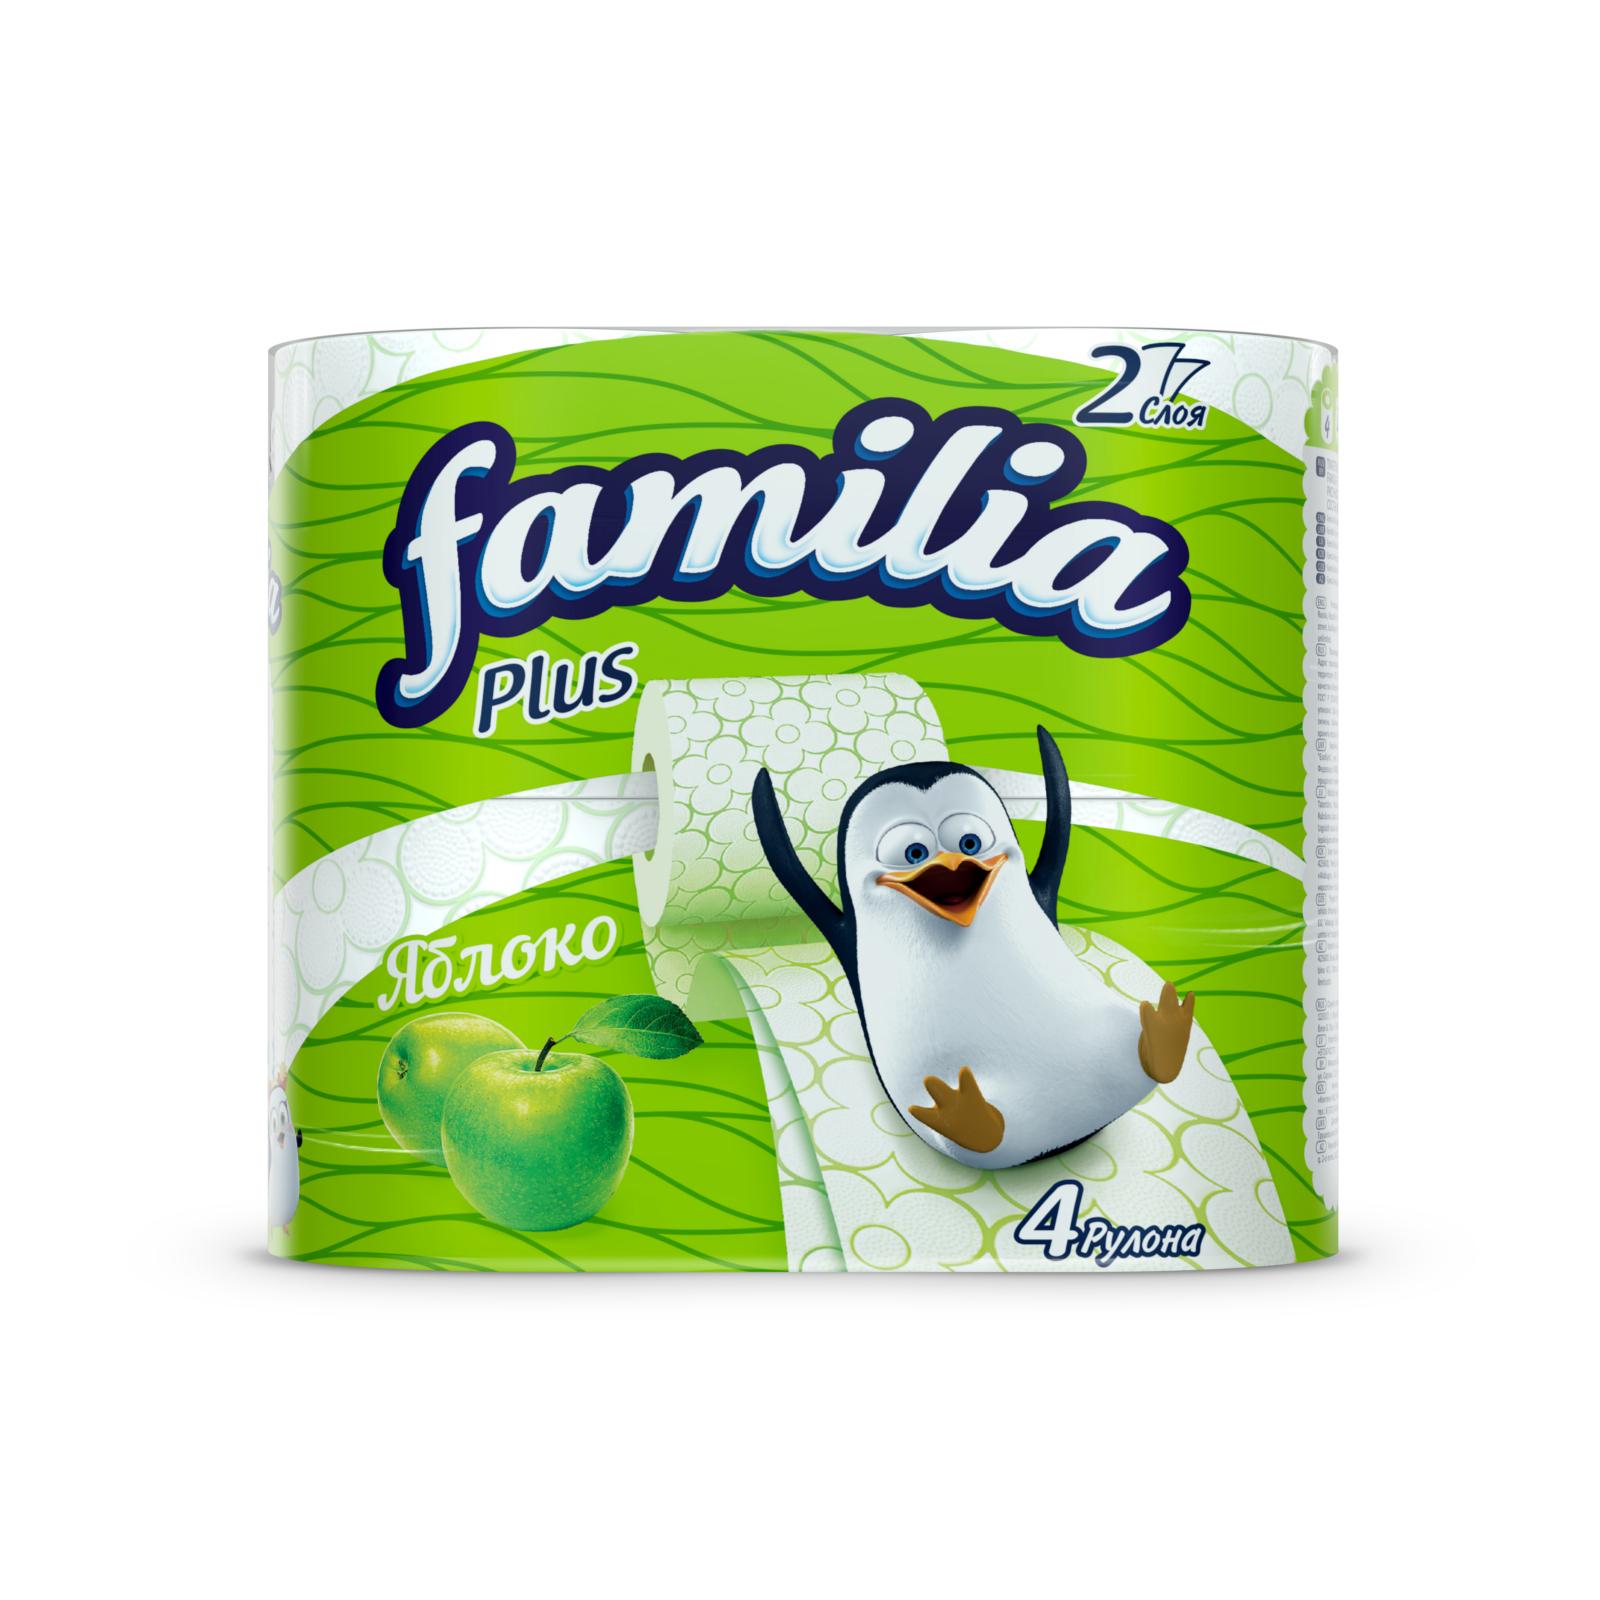 Туалетная бумага Familia Plus яблоко (2 слоя) 4 шт